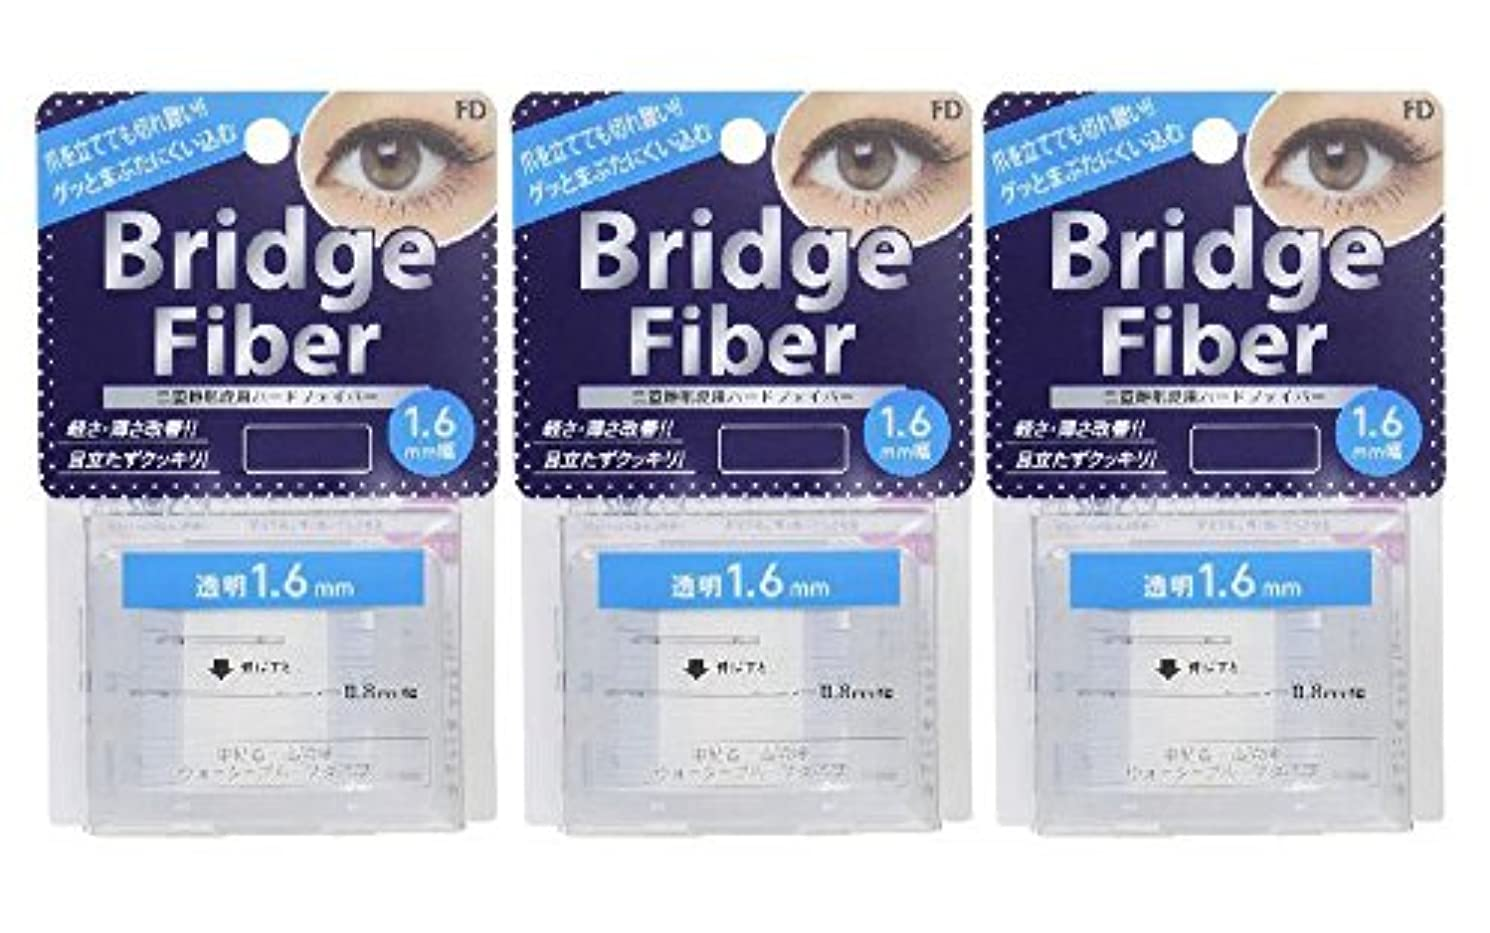 体系的に慈悲深いサーバFD ブリッジファイバーII (眼瞼下垂防止テープ) 3個セット 透明 1.6mm